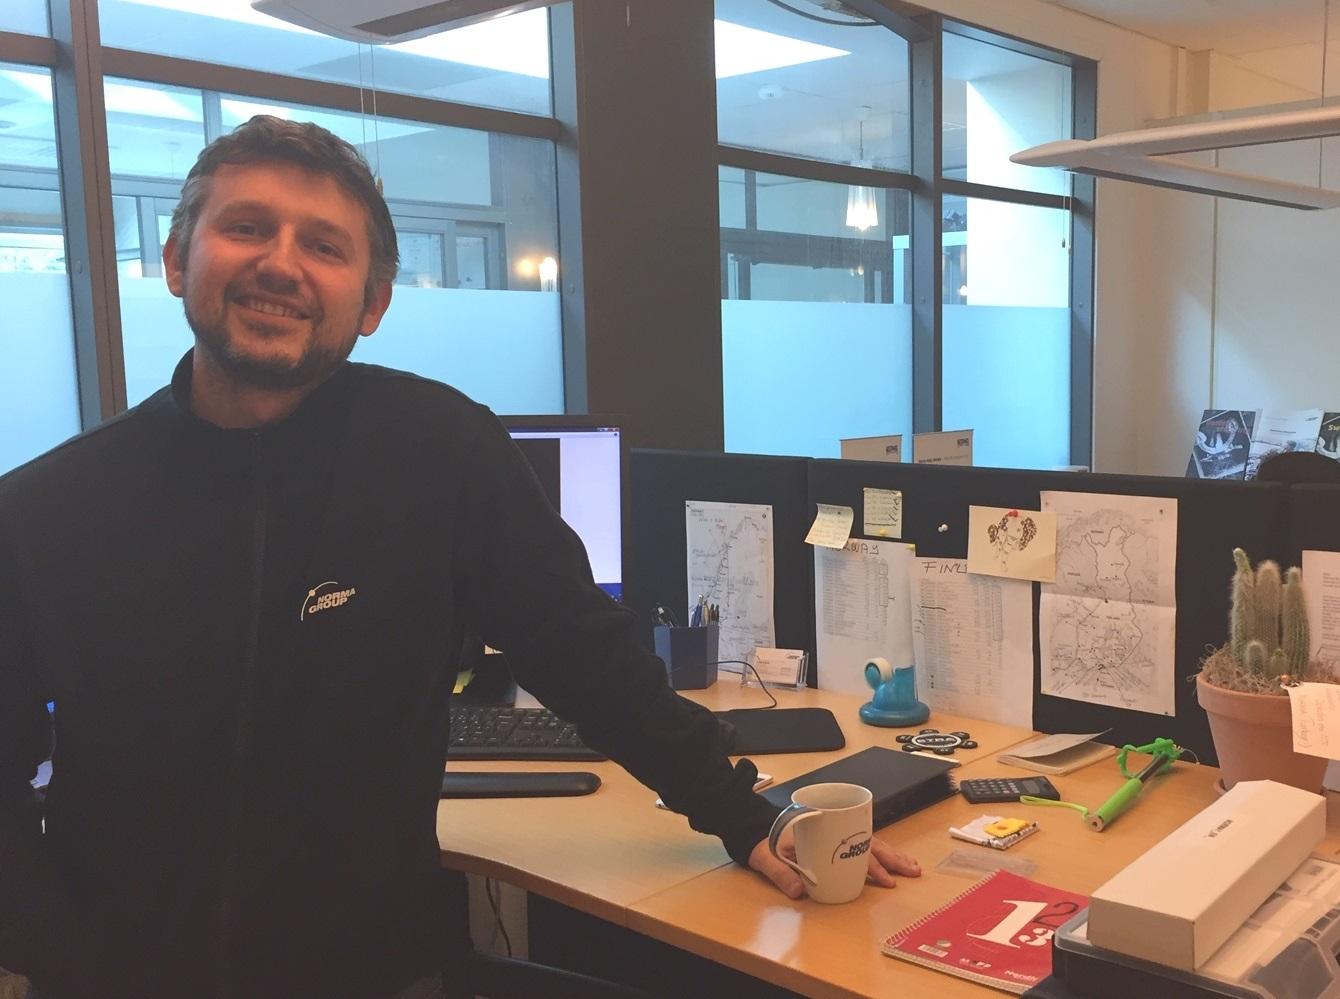 Baran Yücetin at his desk in Anderstorp, Sweden.